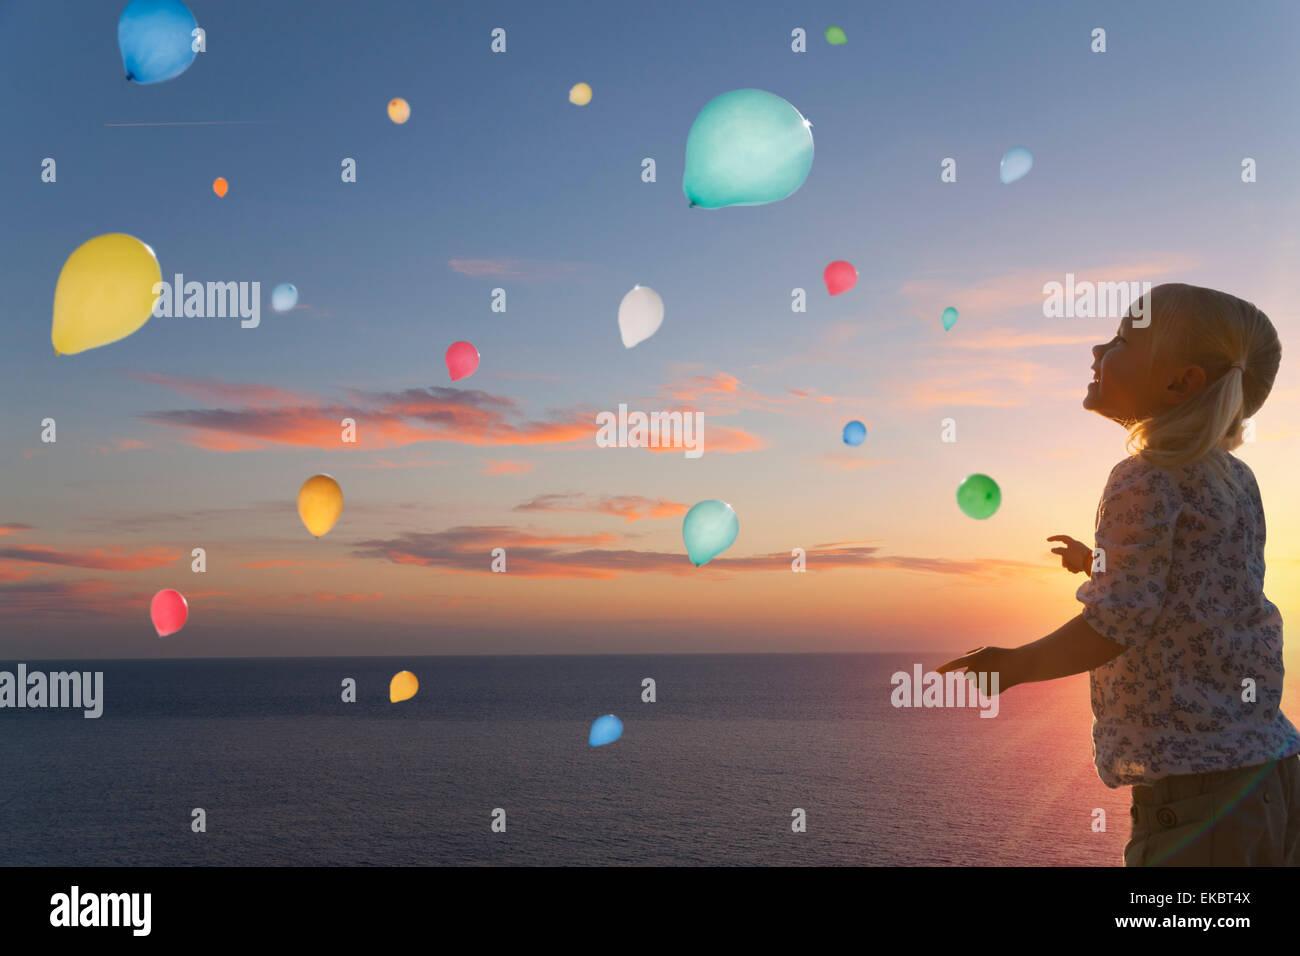 Ragazza guardando palloncini fluttuante nel cielo di sera Immagini Stock